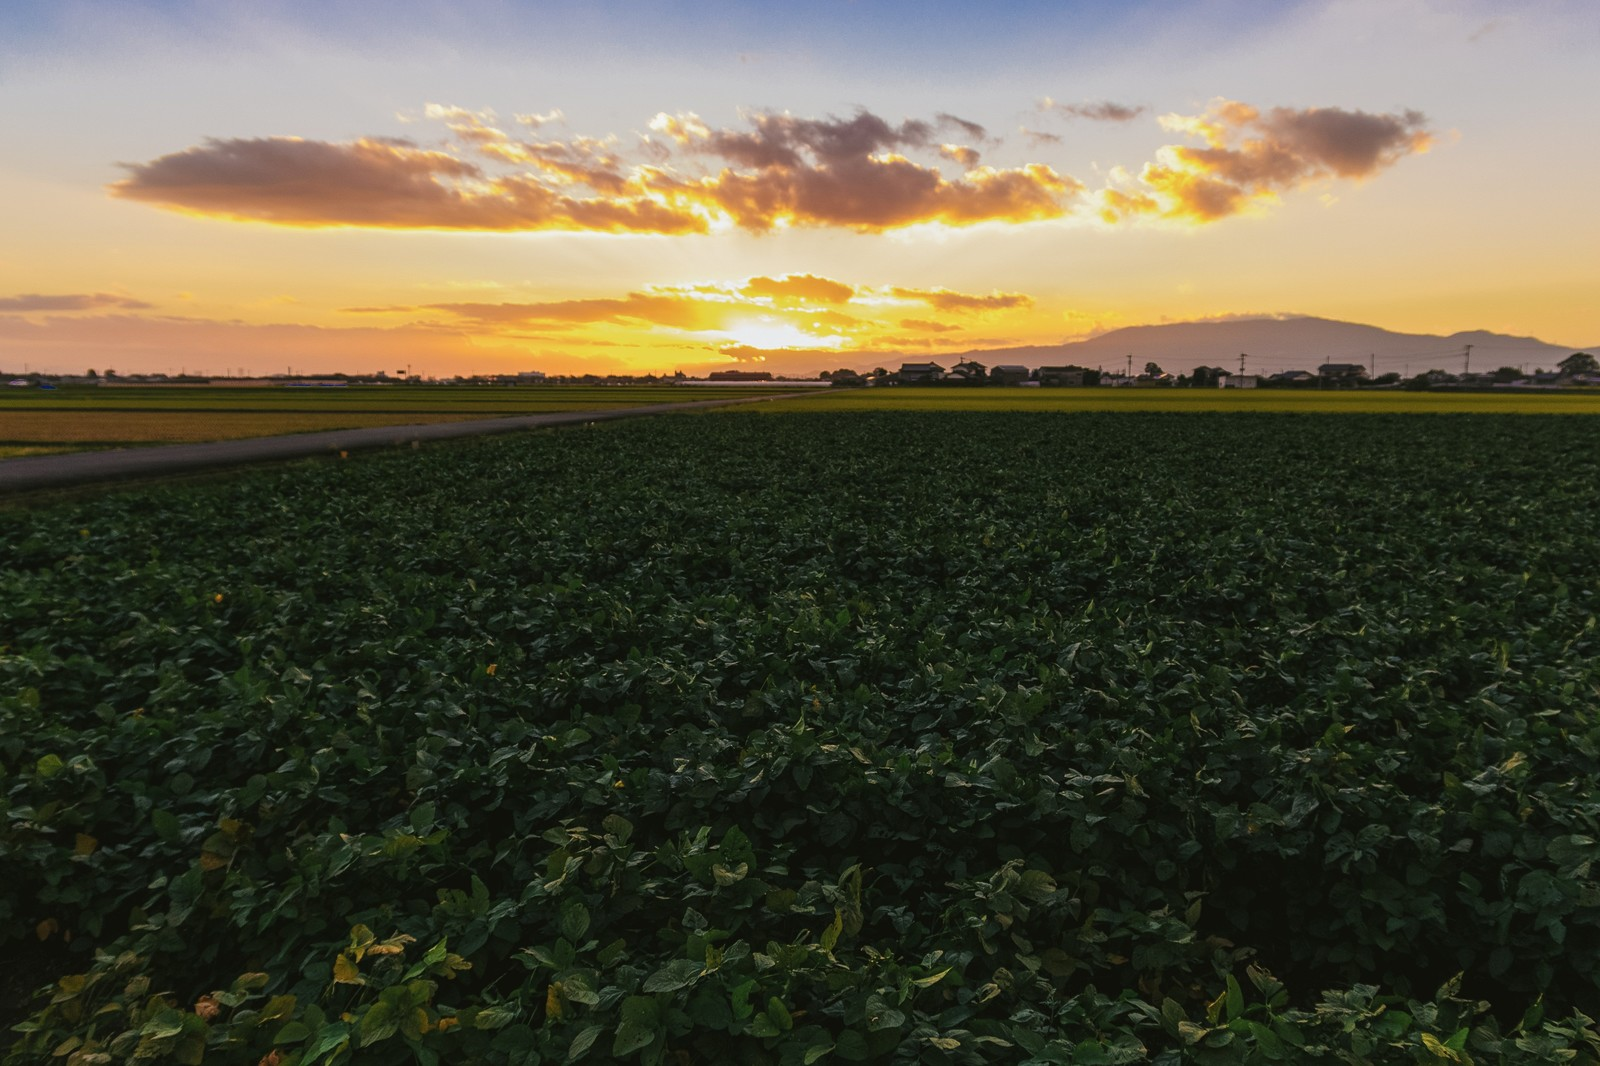 「夕暮れの田園風景(福岡県大刀洗町)」の写真